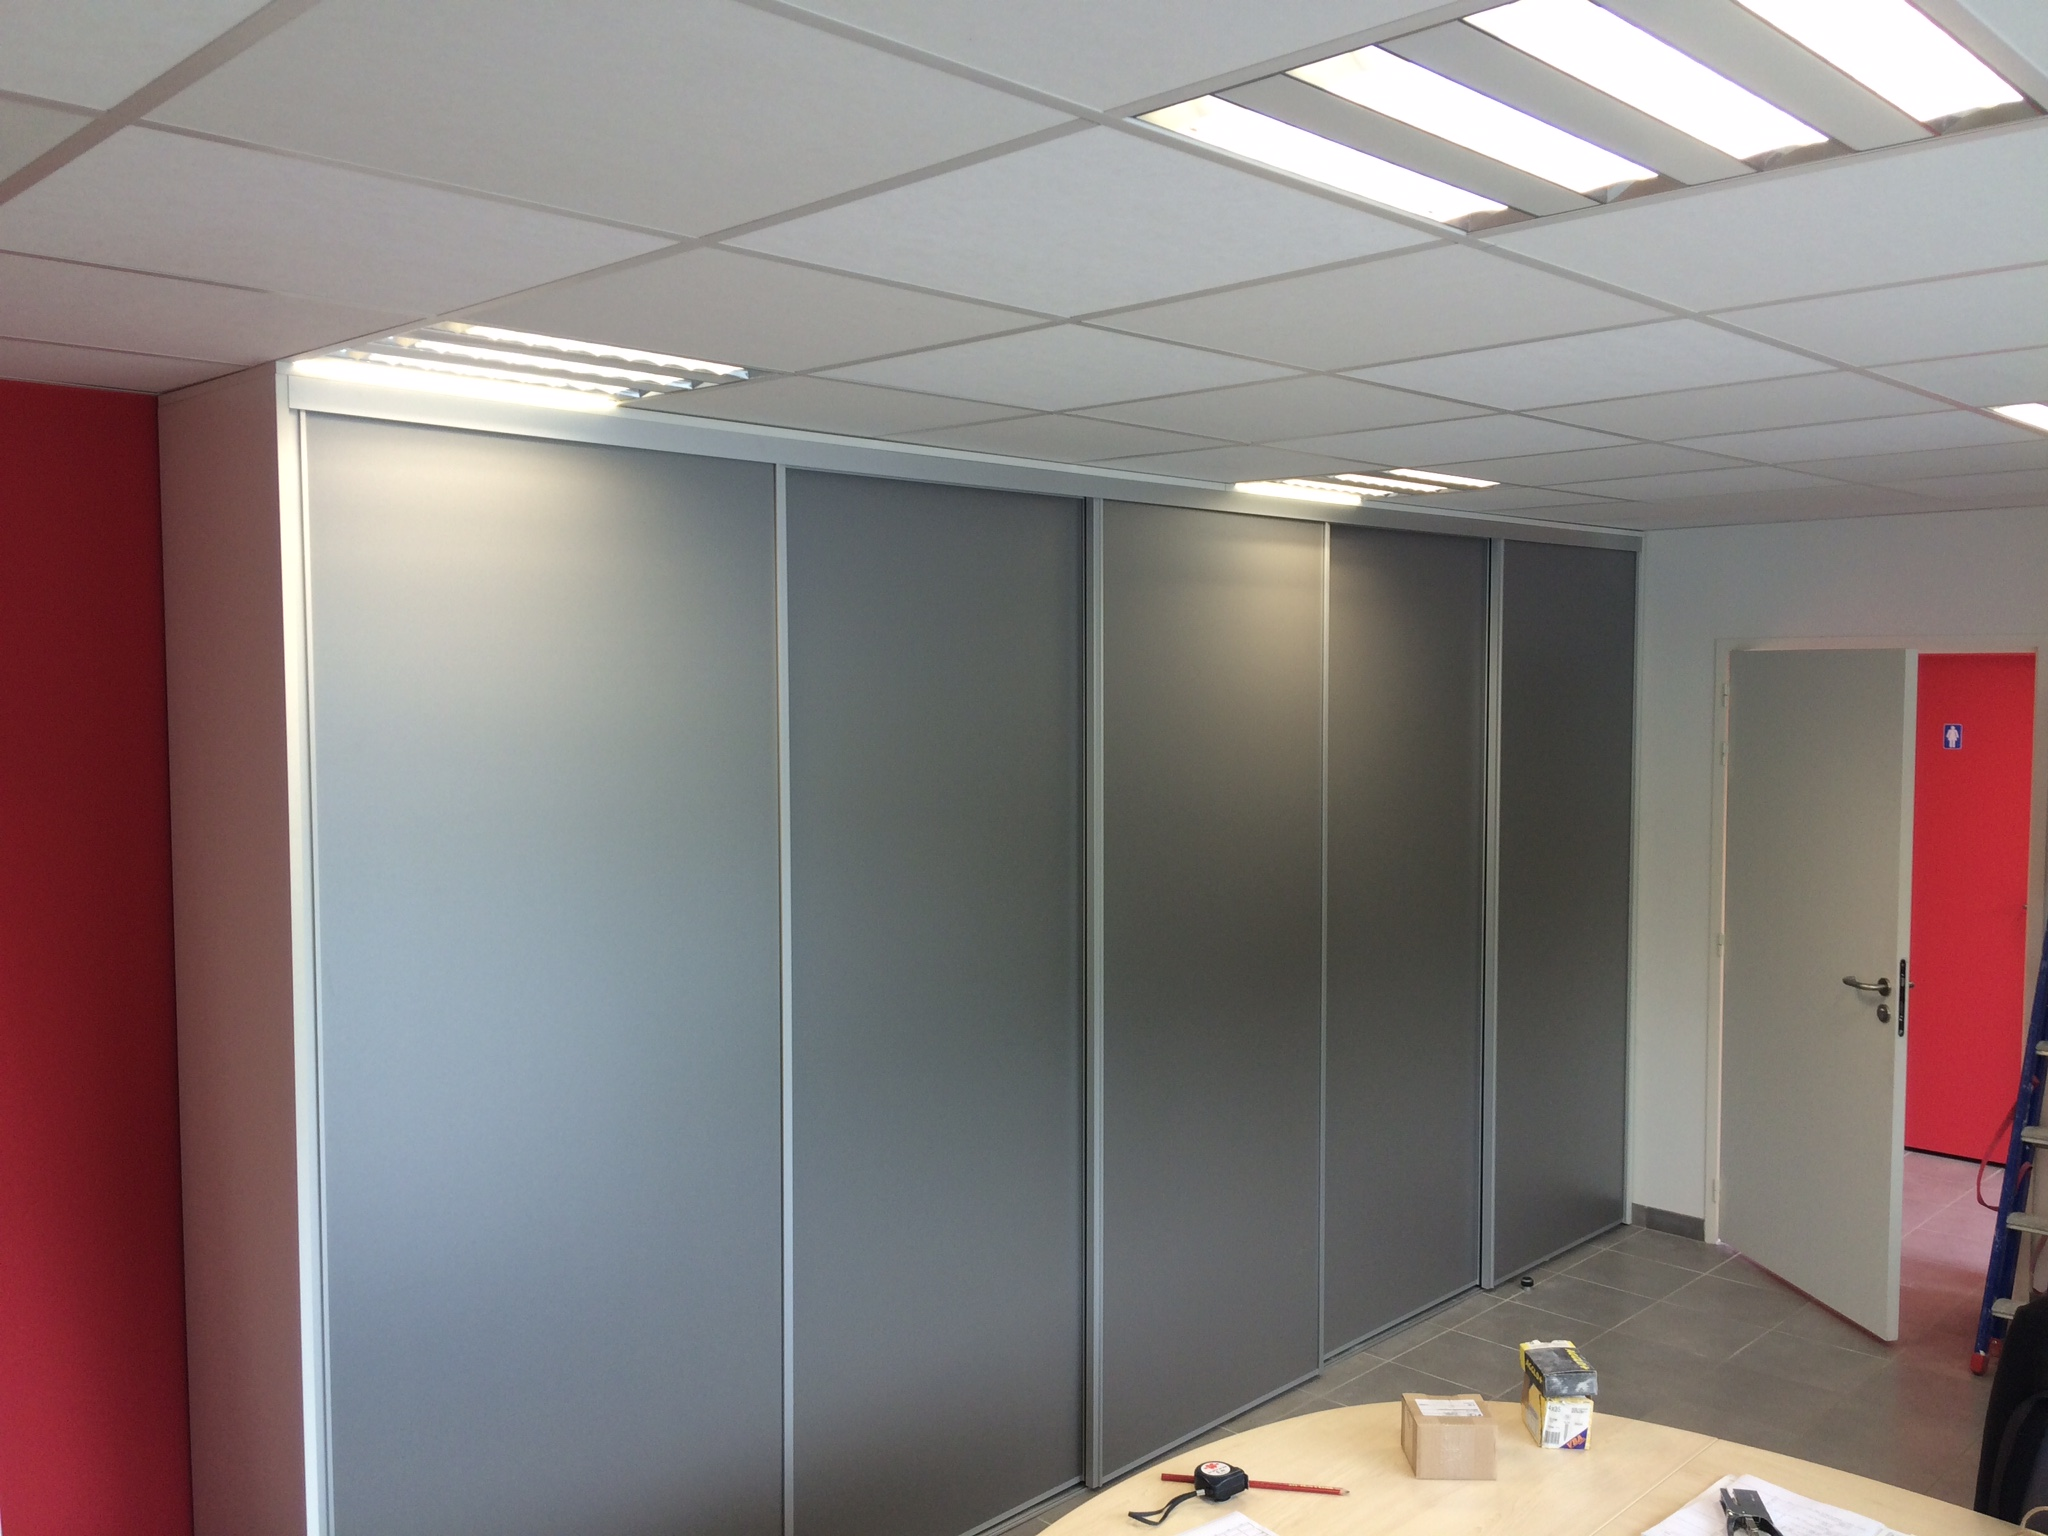 Façade coulissante - Plaf'déco spécialiste de l'isolation, plafond suspendu, platrerie, menuiseries, dressing, placards